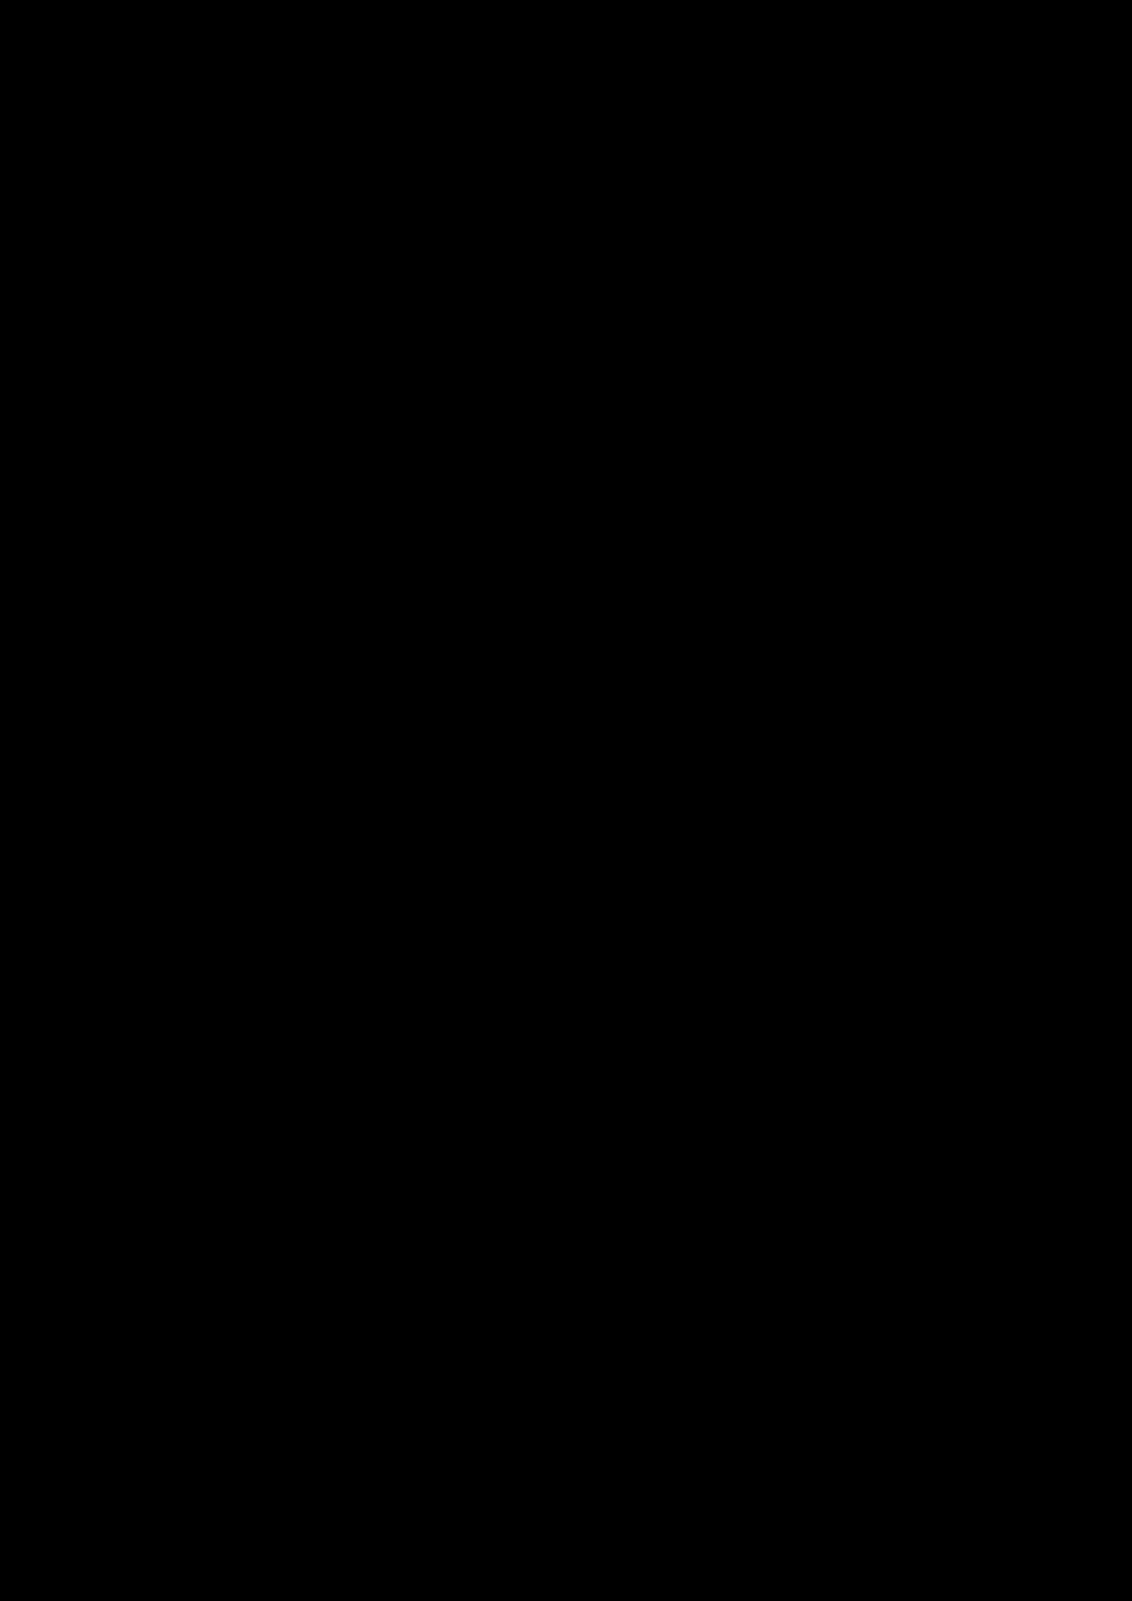 Proschanie s volshebnoy stranoy slide, Image 95